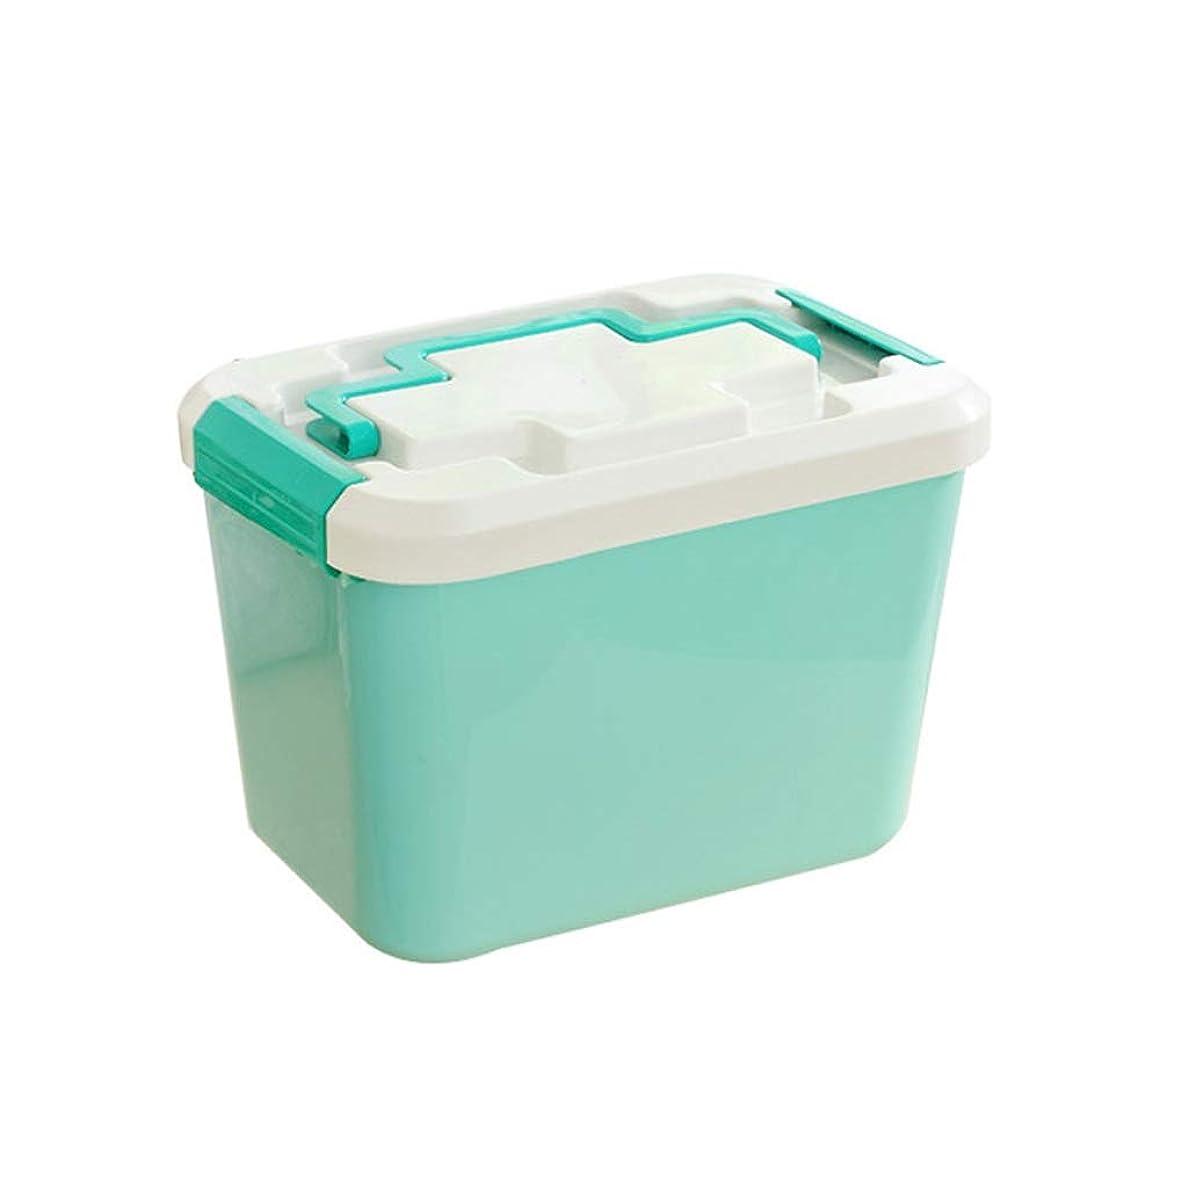 買い手解体する普通にLCSHAN 家族大薬箱多層ドラッグ収納ボックス応急処置ボックスプラスチック製のポータブル